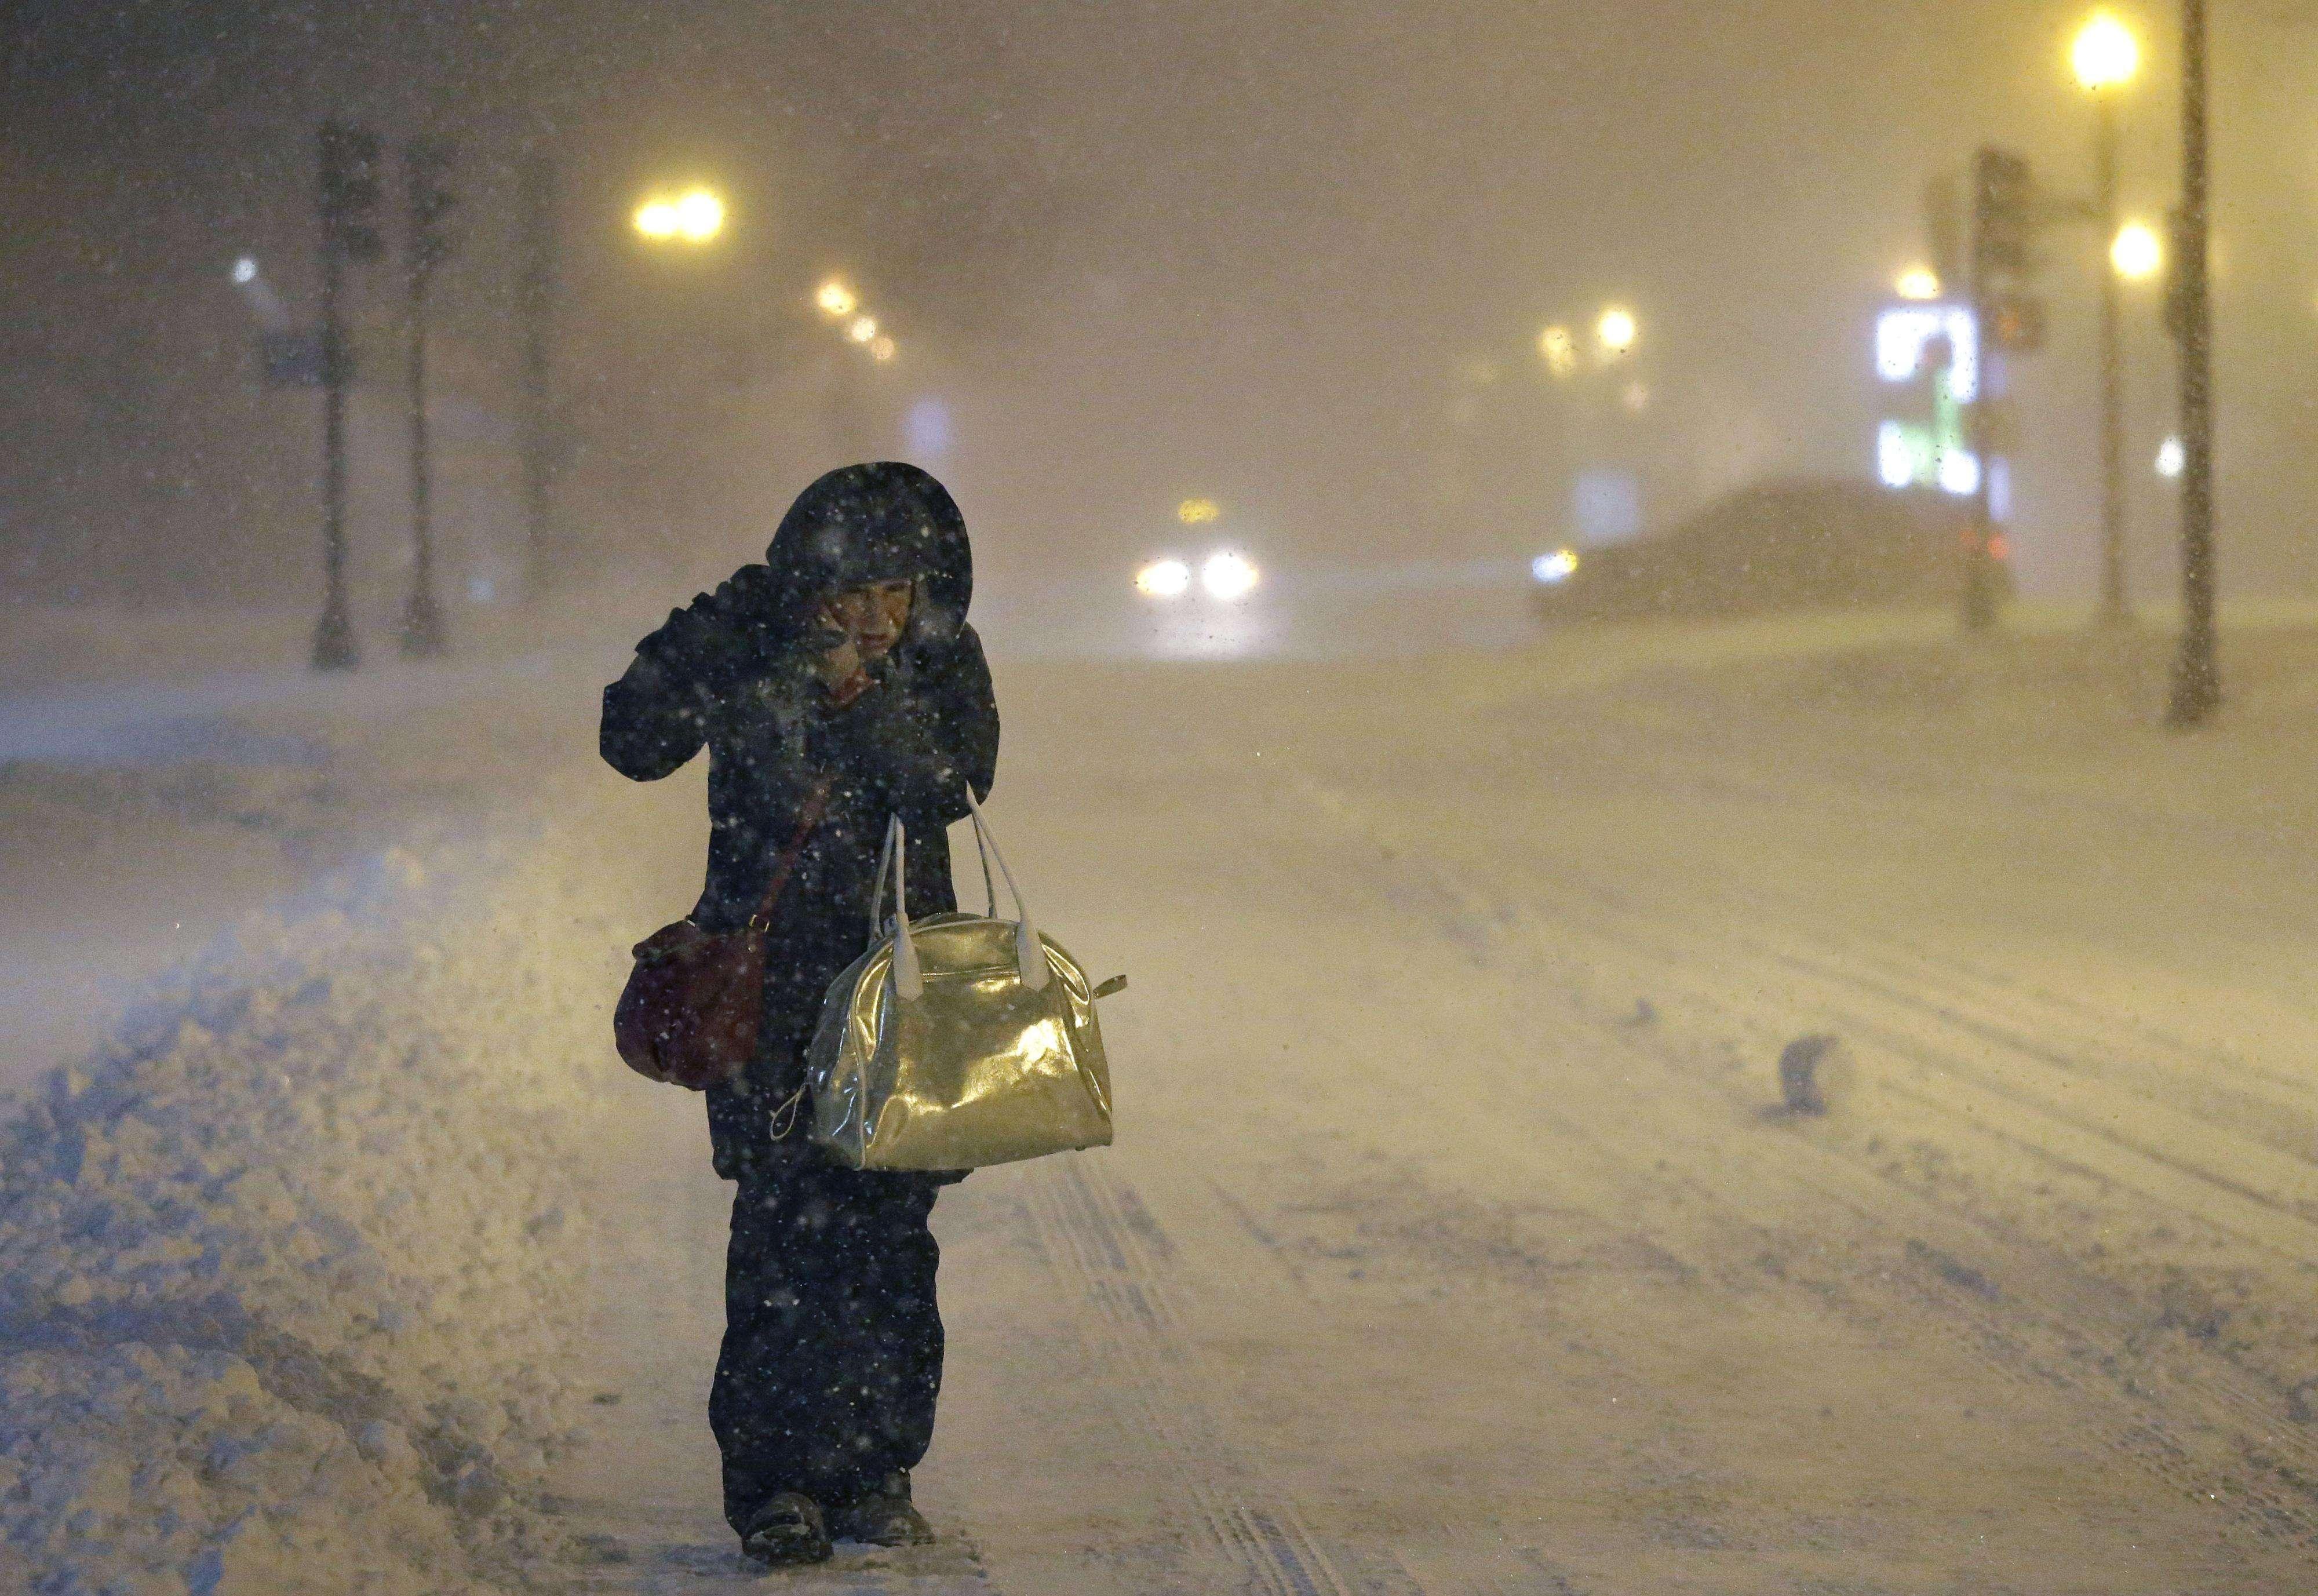 Denise Young, supervisora de enfermería en el Hospital General de Massachusetts, se acomoda su gorro mientras camina al trabajo en medio de una fuerte tormenta invernal, en Boston, el martes 27 de enero de 2015. Foto: AP en español